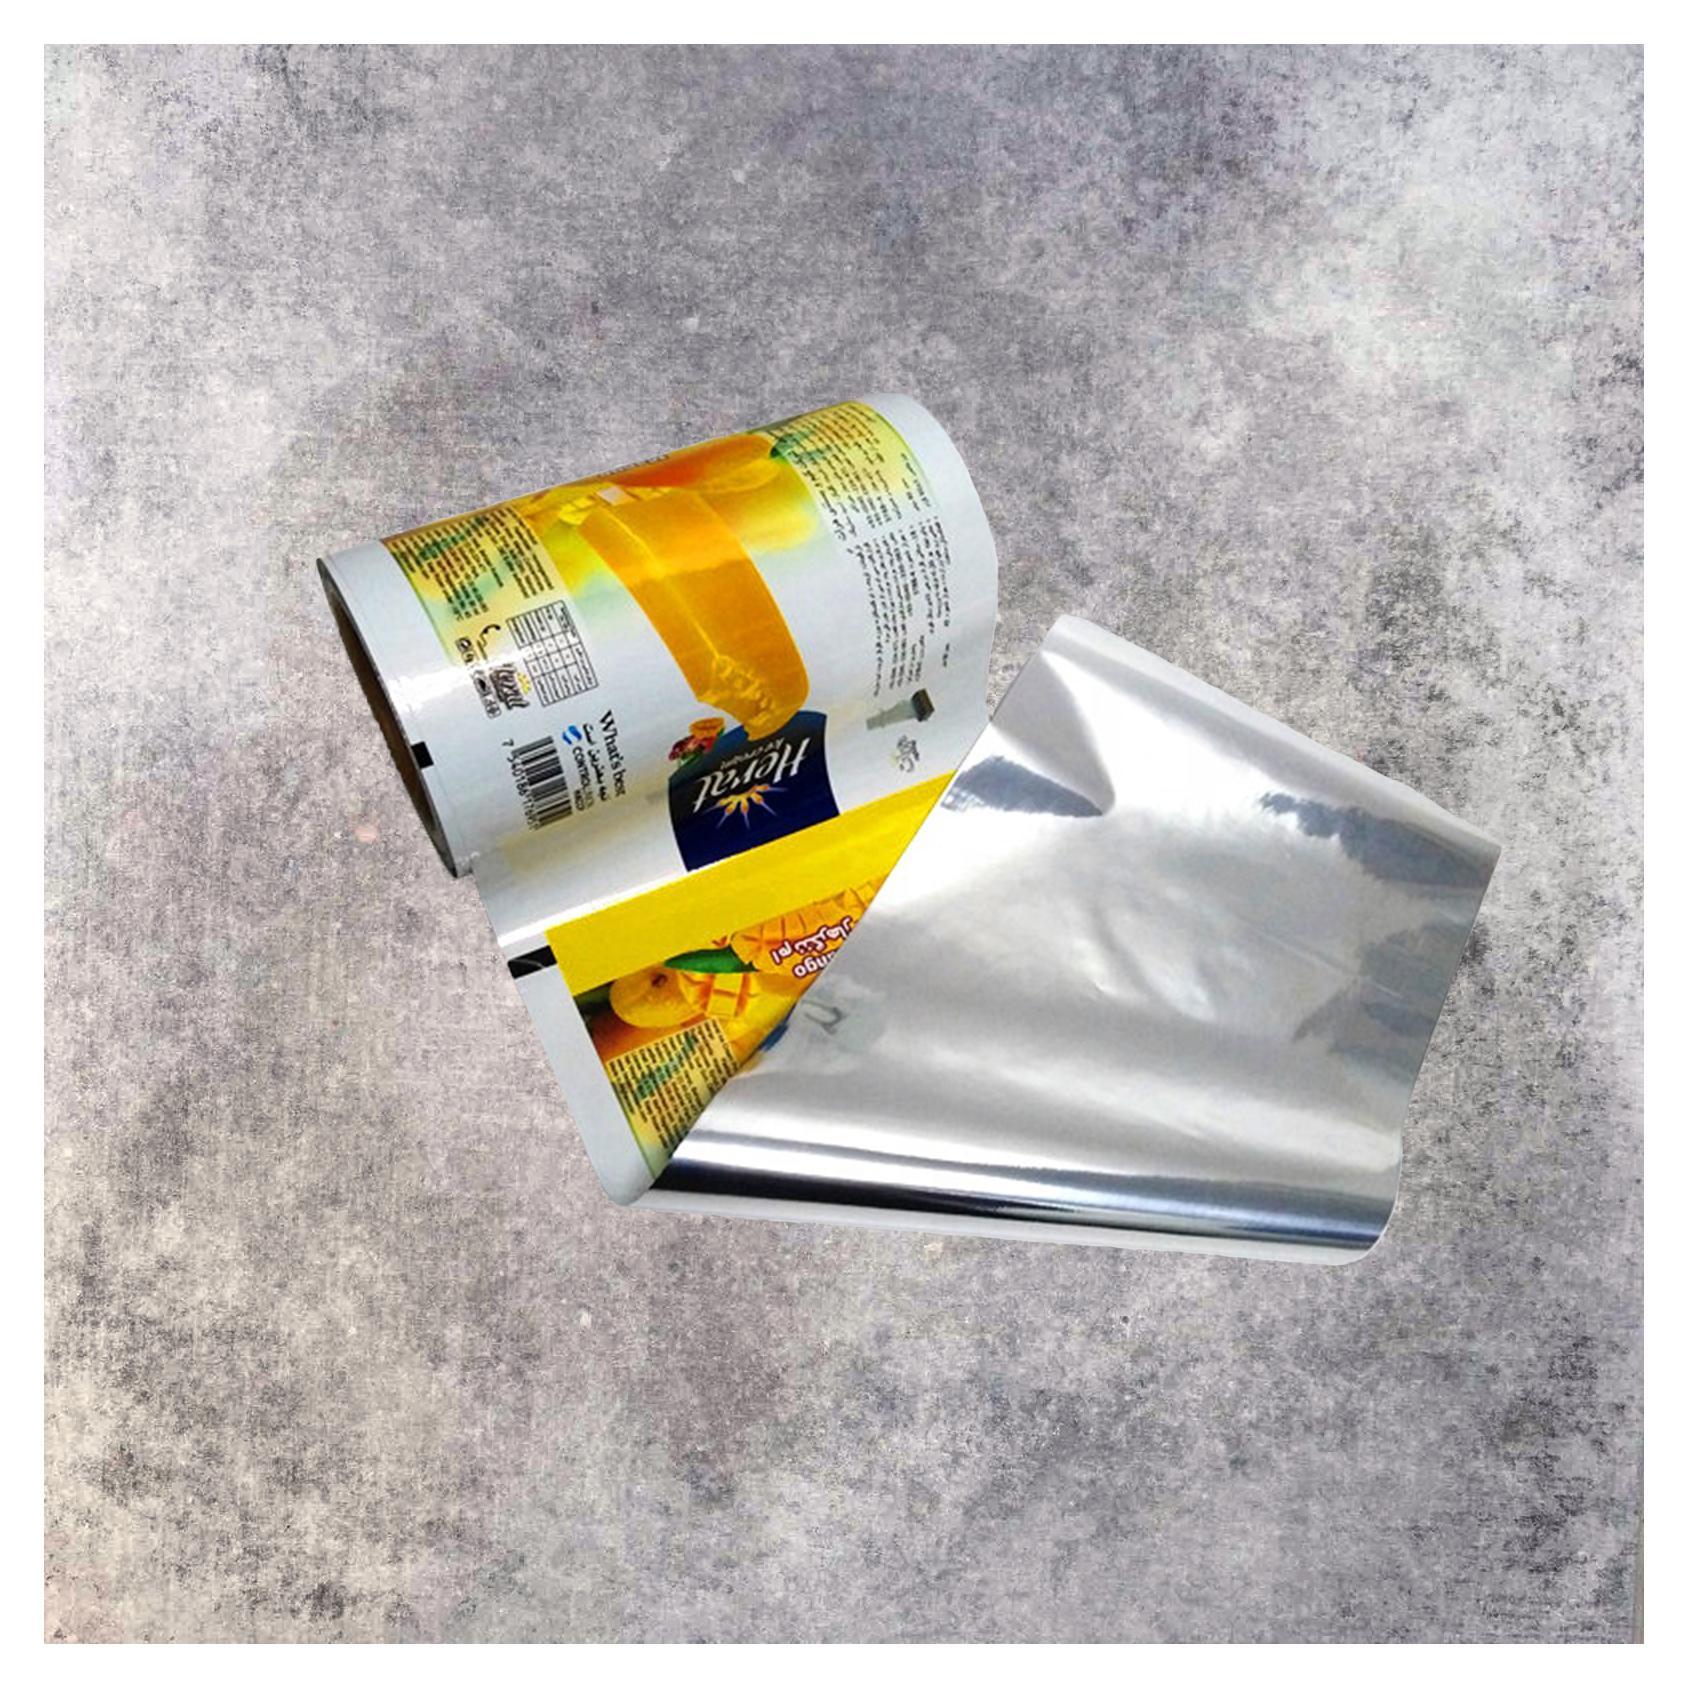 Packaging film in roll (C)